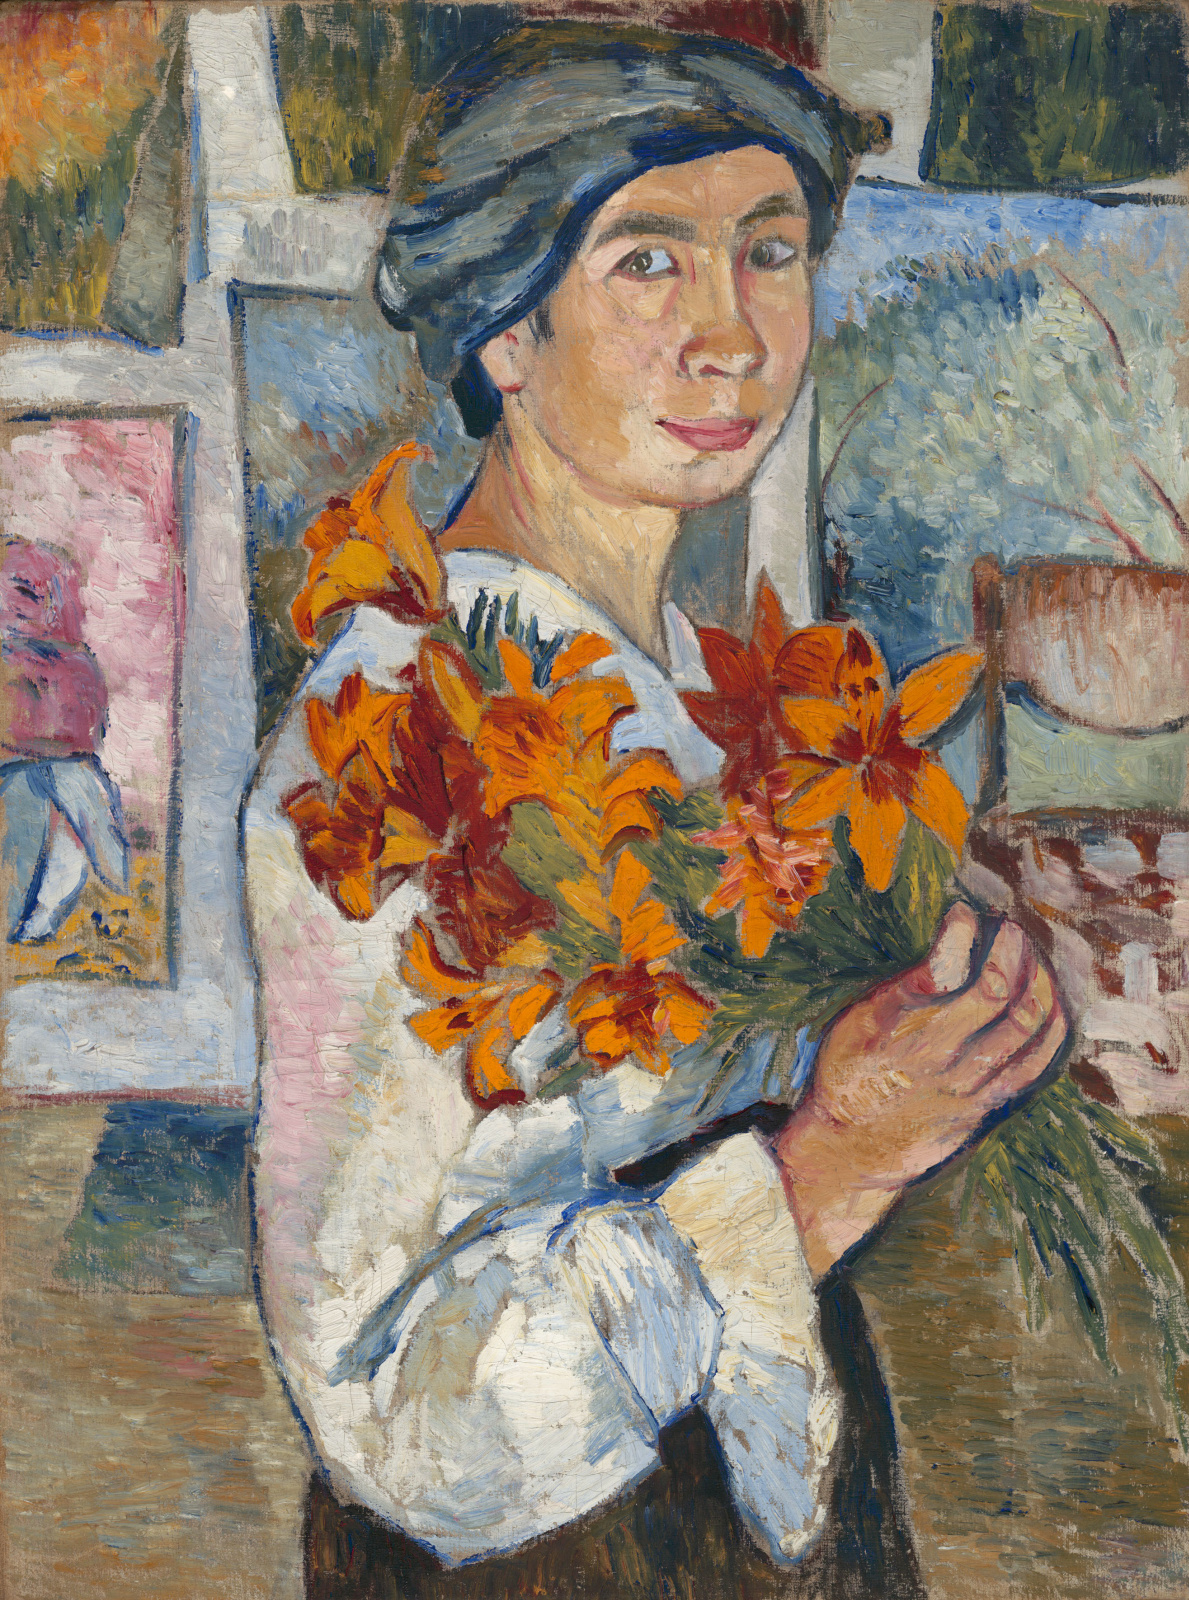 Наталья Сергеевна Гончарова. Автопортрет с желтыми лилиями